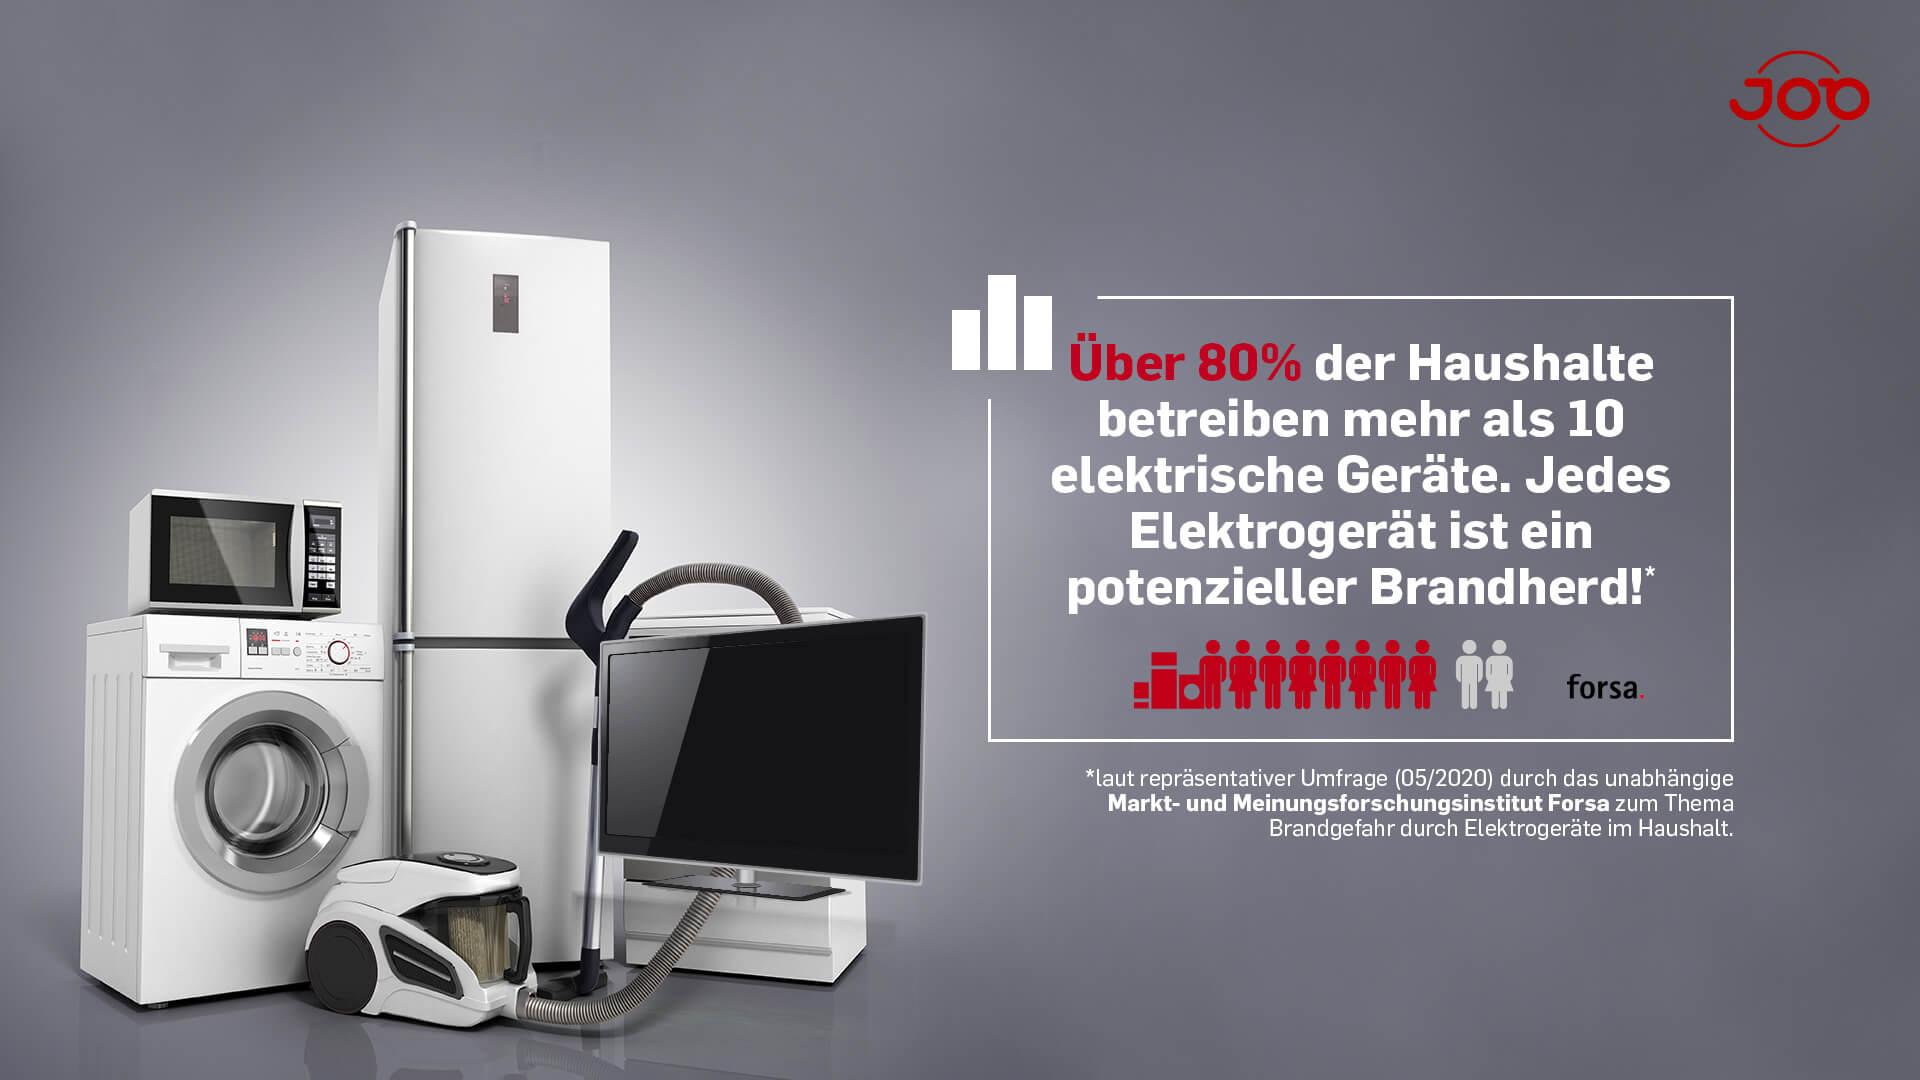 Forsa Umfrage - integrierter Brandschutz - Über 80% der Haushalte betreiben mehr als 10 Elektrogeräte